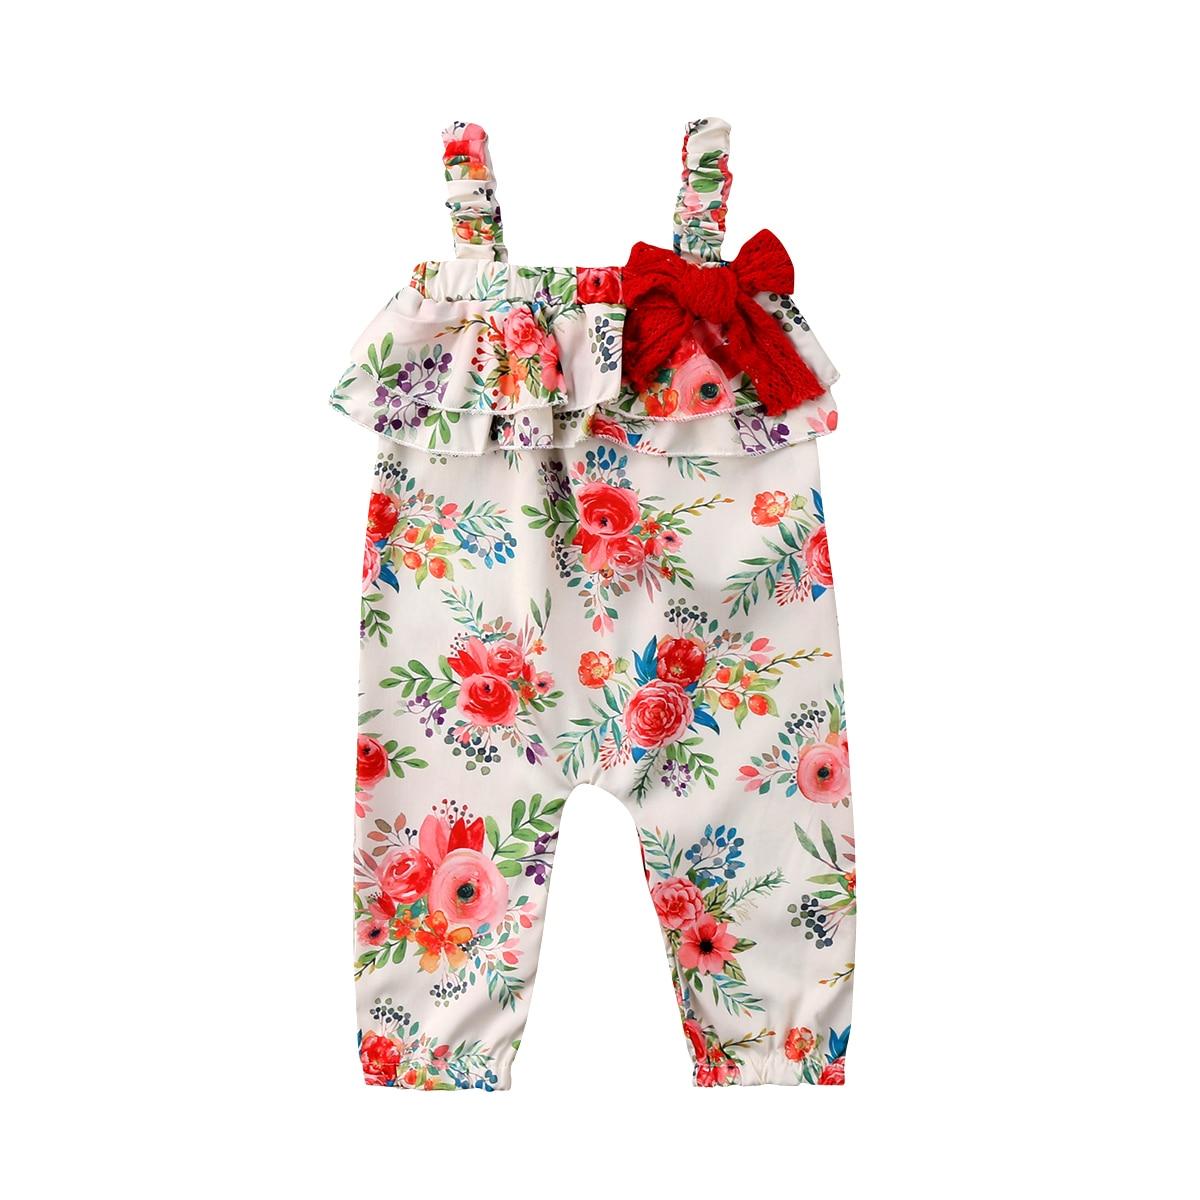 Actief Baby Meisjes Kids Een-stukken Mouwloze Romper Playsuit Jumpsuit Outfit Kleding Maat 1-5 T